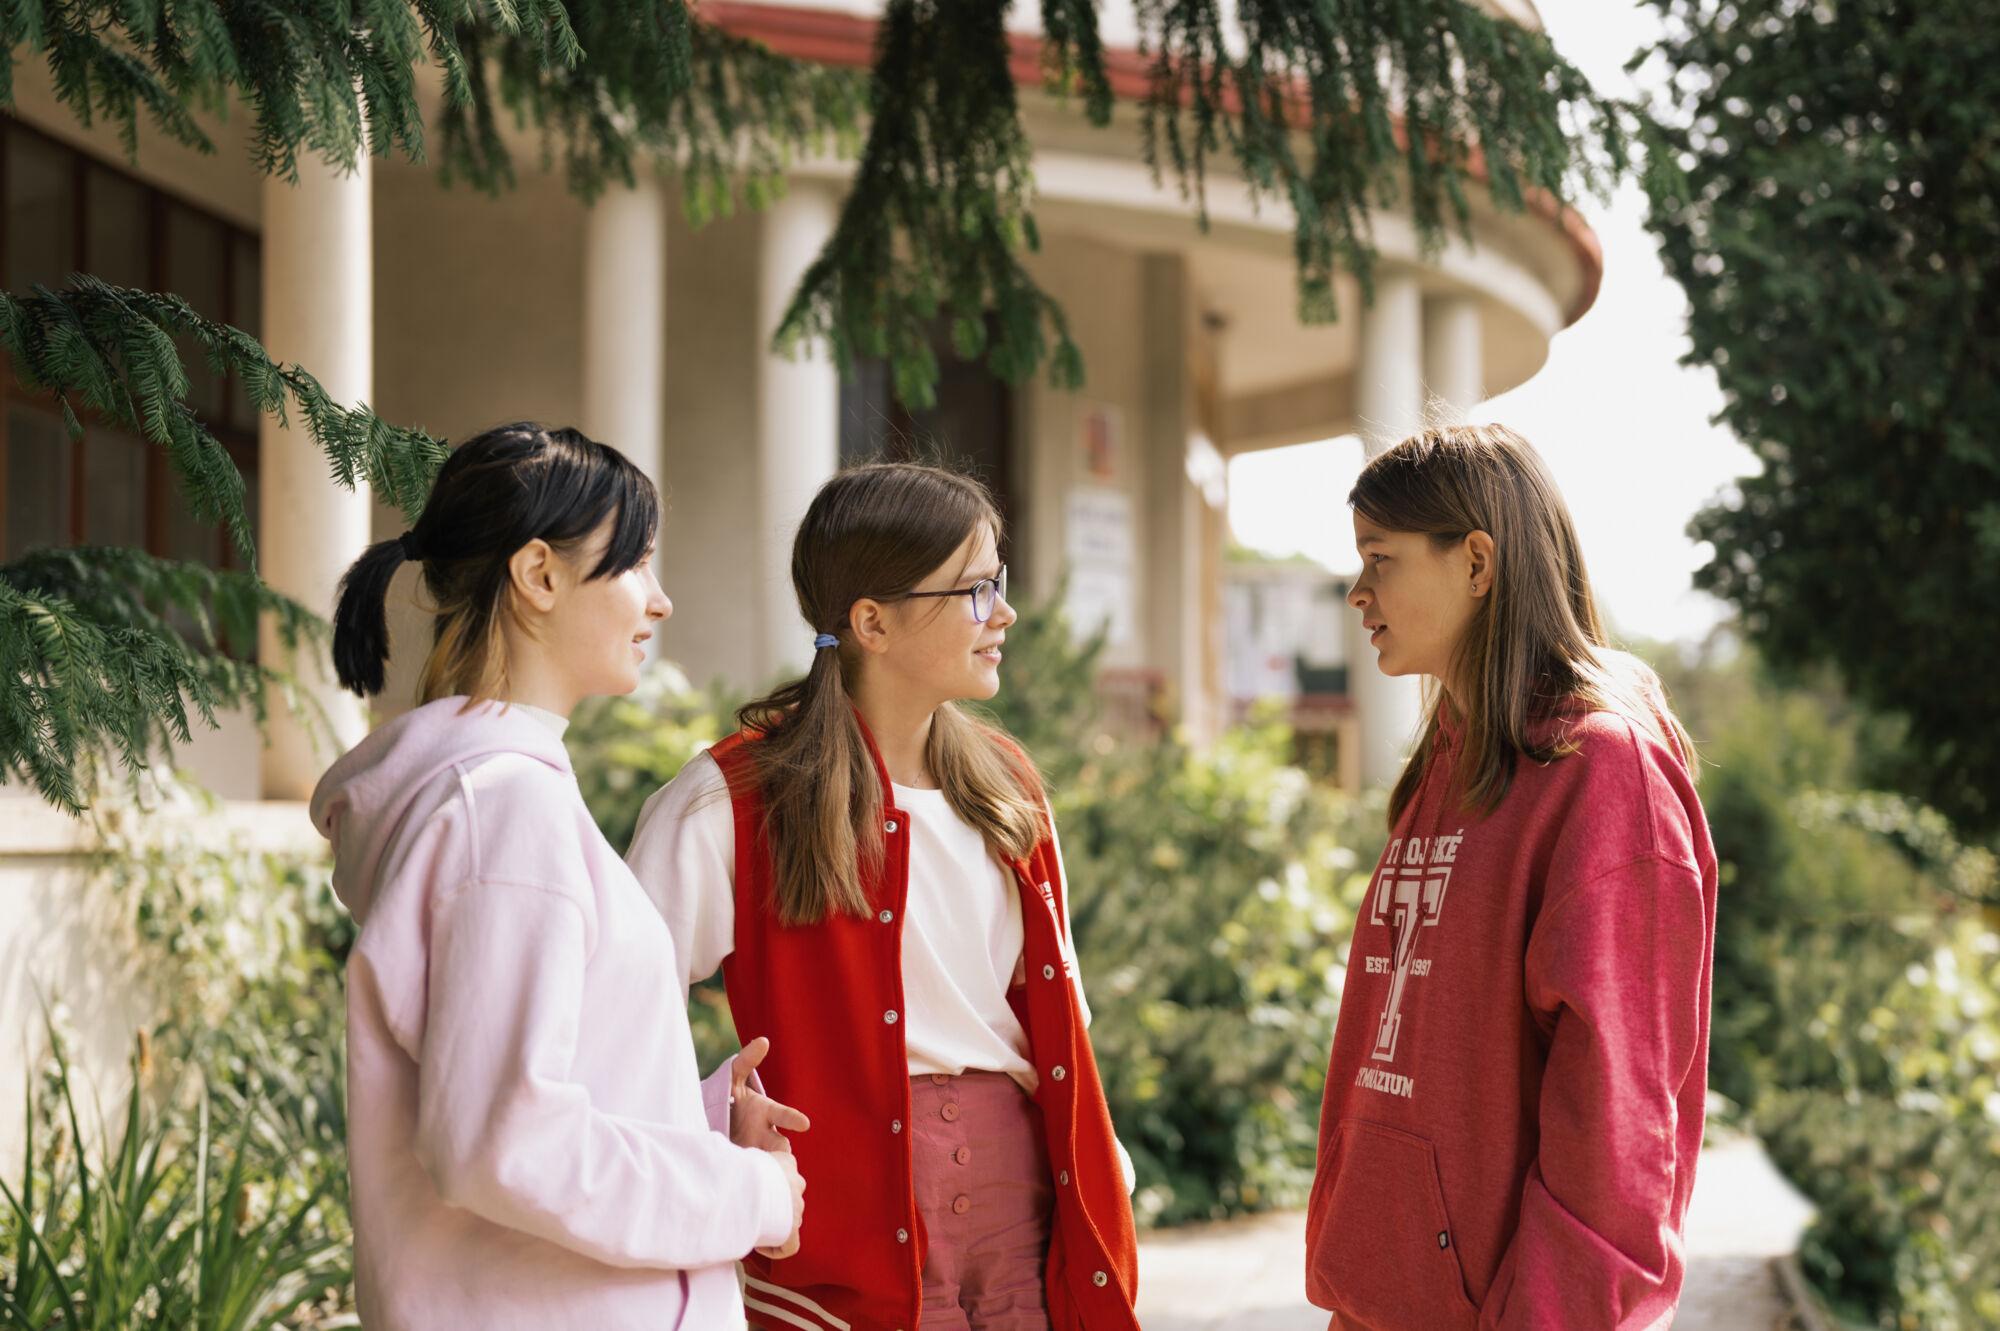 studenti TG komunikující ve venkovních prostorách školy